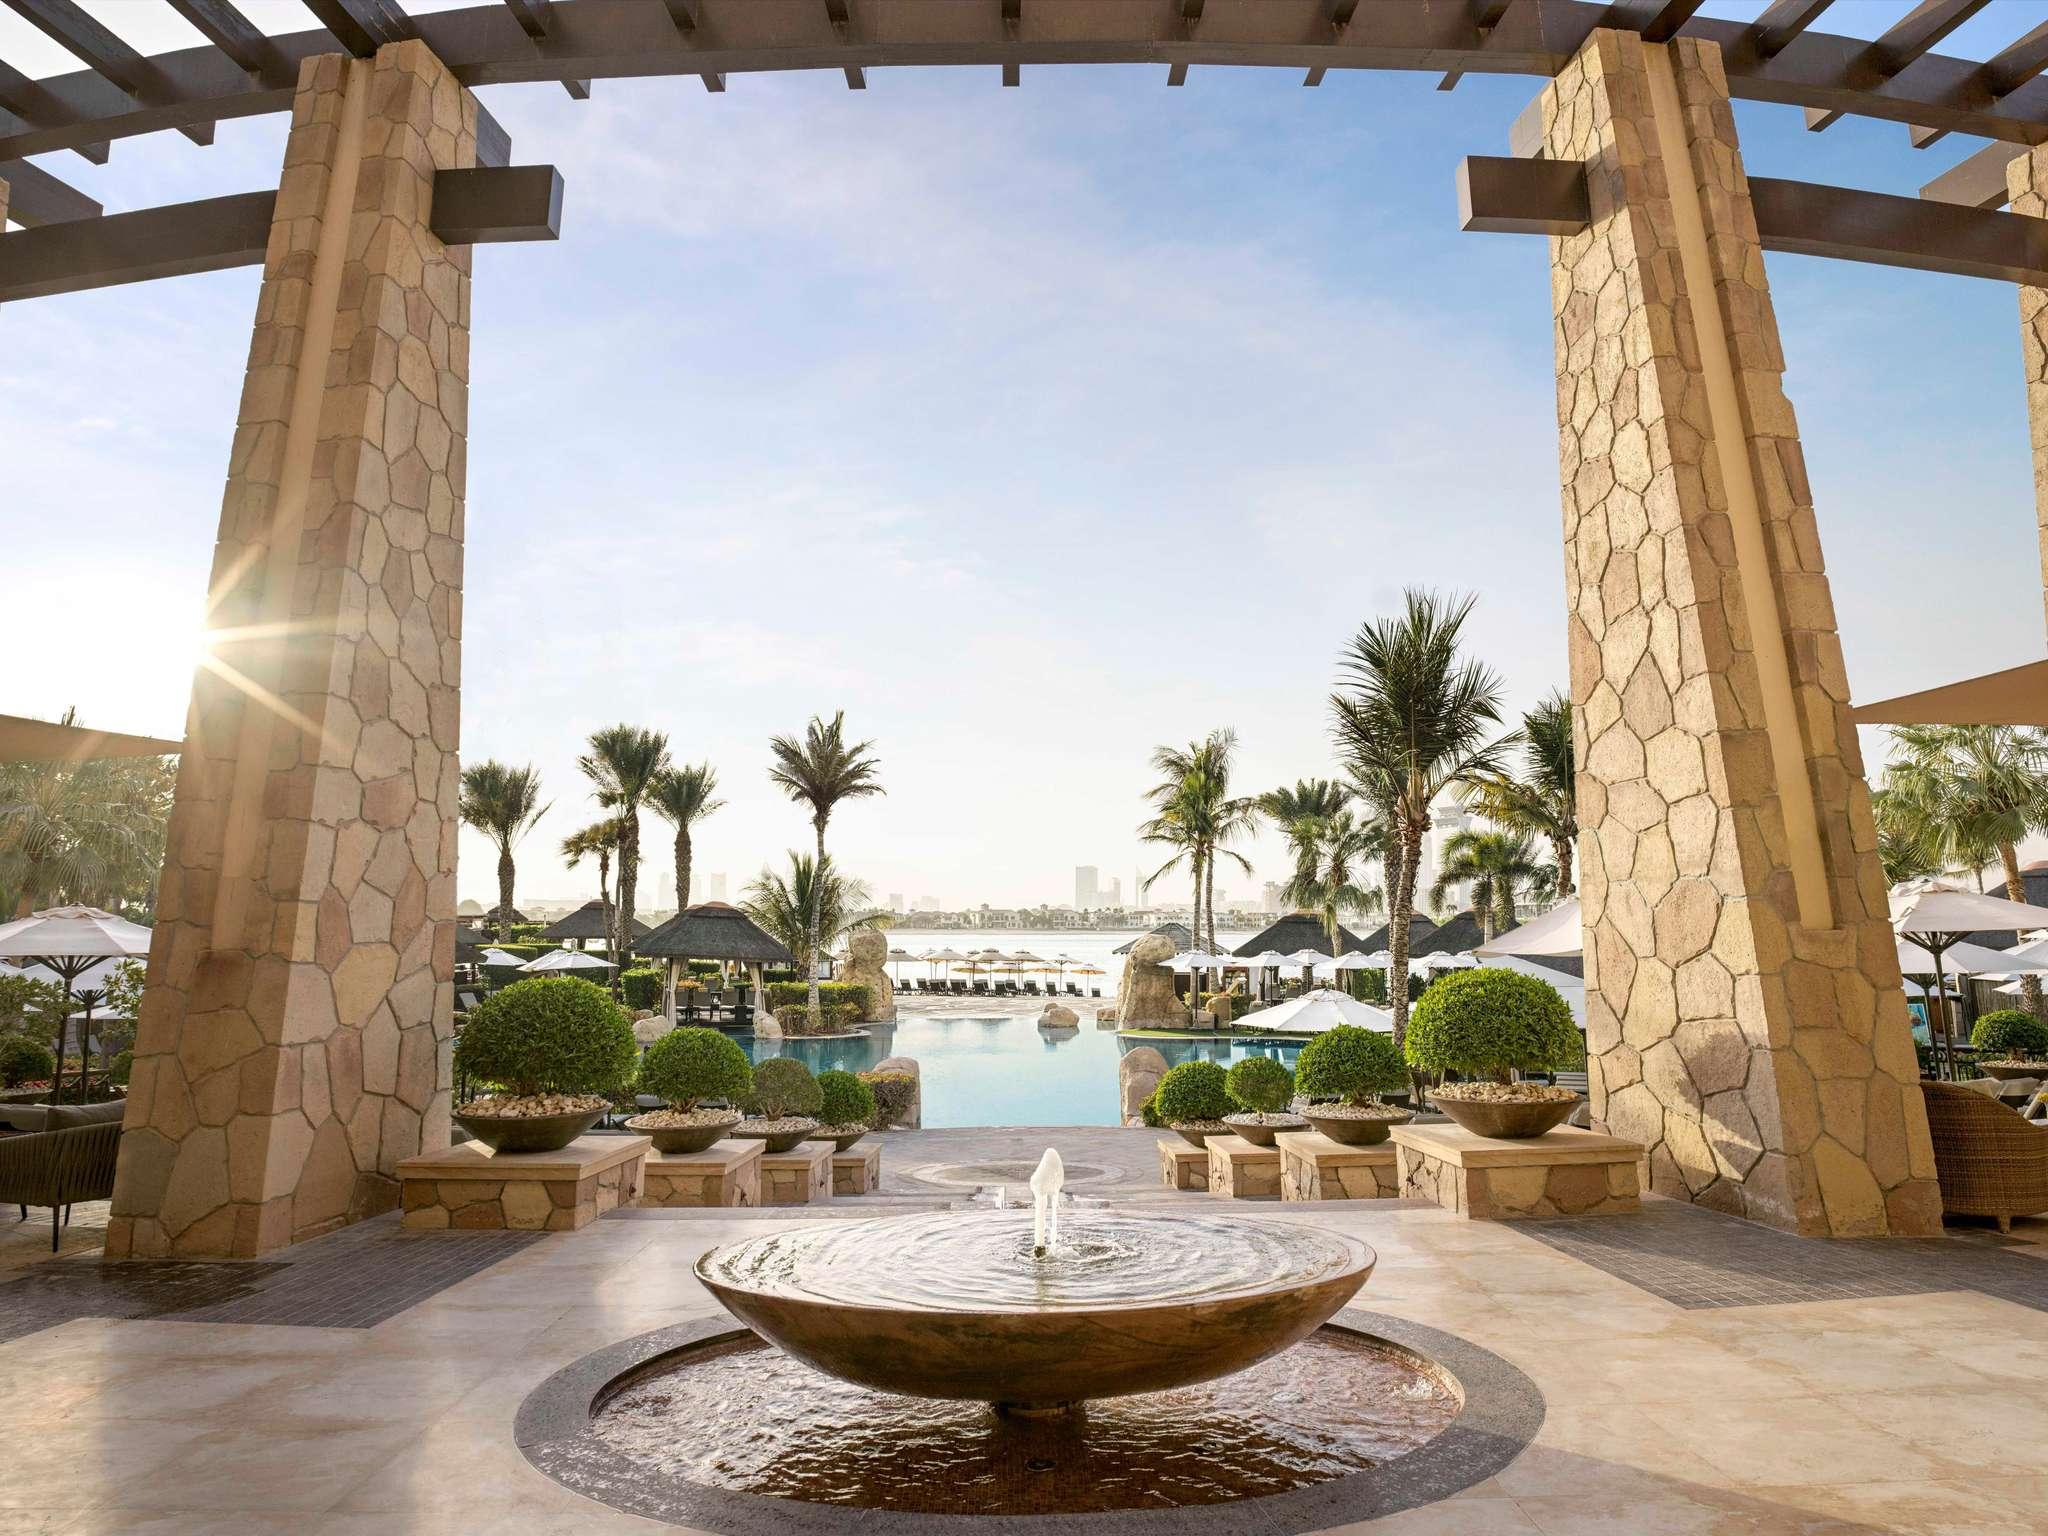 酒店 – 迪拜棕榈岛索菲特水疗度假酒店